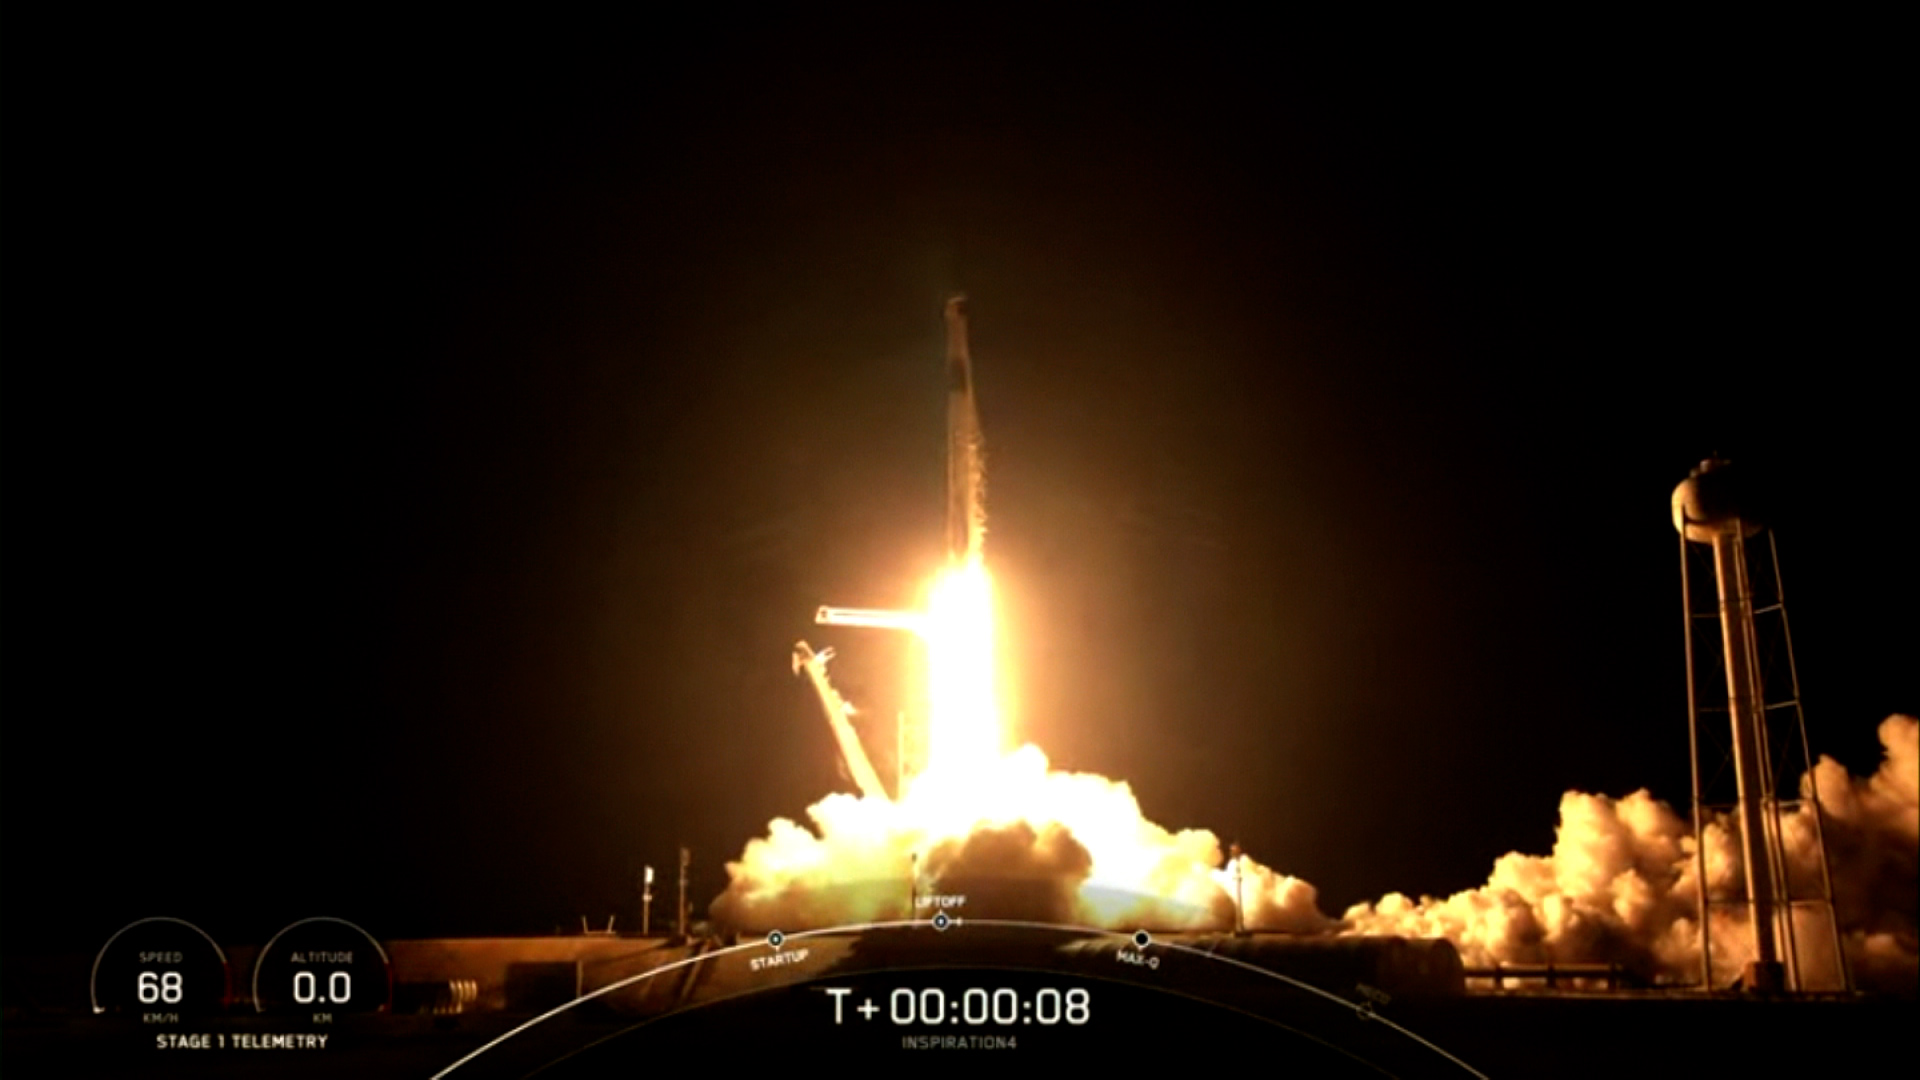 SpaceX realiza con éxito el lanzamiento de la misión Inspiration4 al espacio